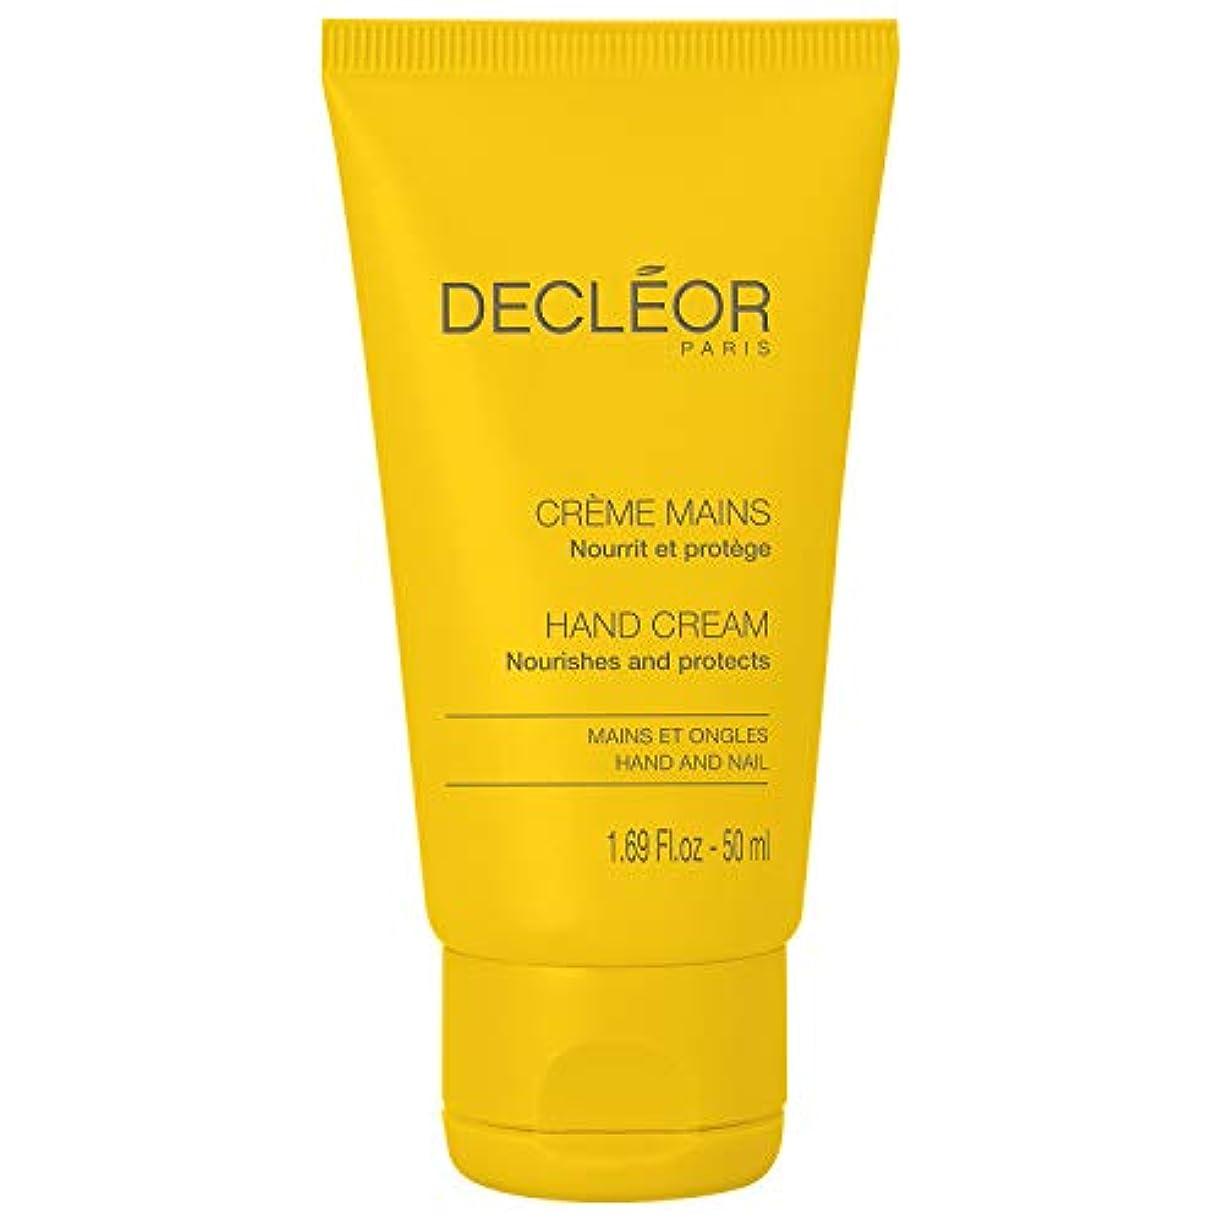 模索何よりもだらしない[Decl?or] デクレオール強烈な栄養のハンドクリーム50ミリリットル - Decl?or Intense Nutrition Hand Cream 50ml [並行輸入品]